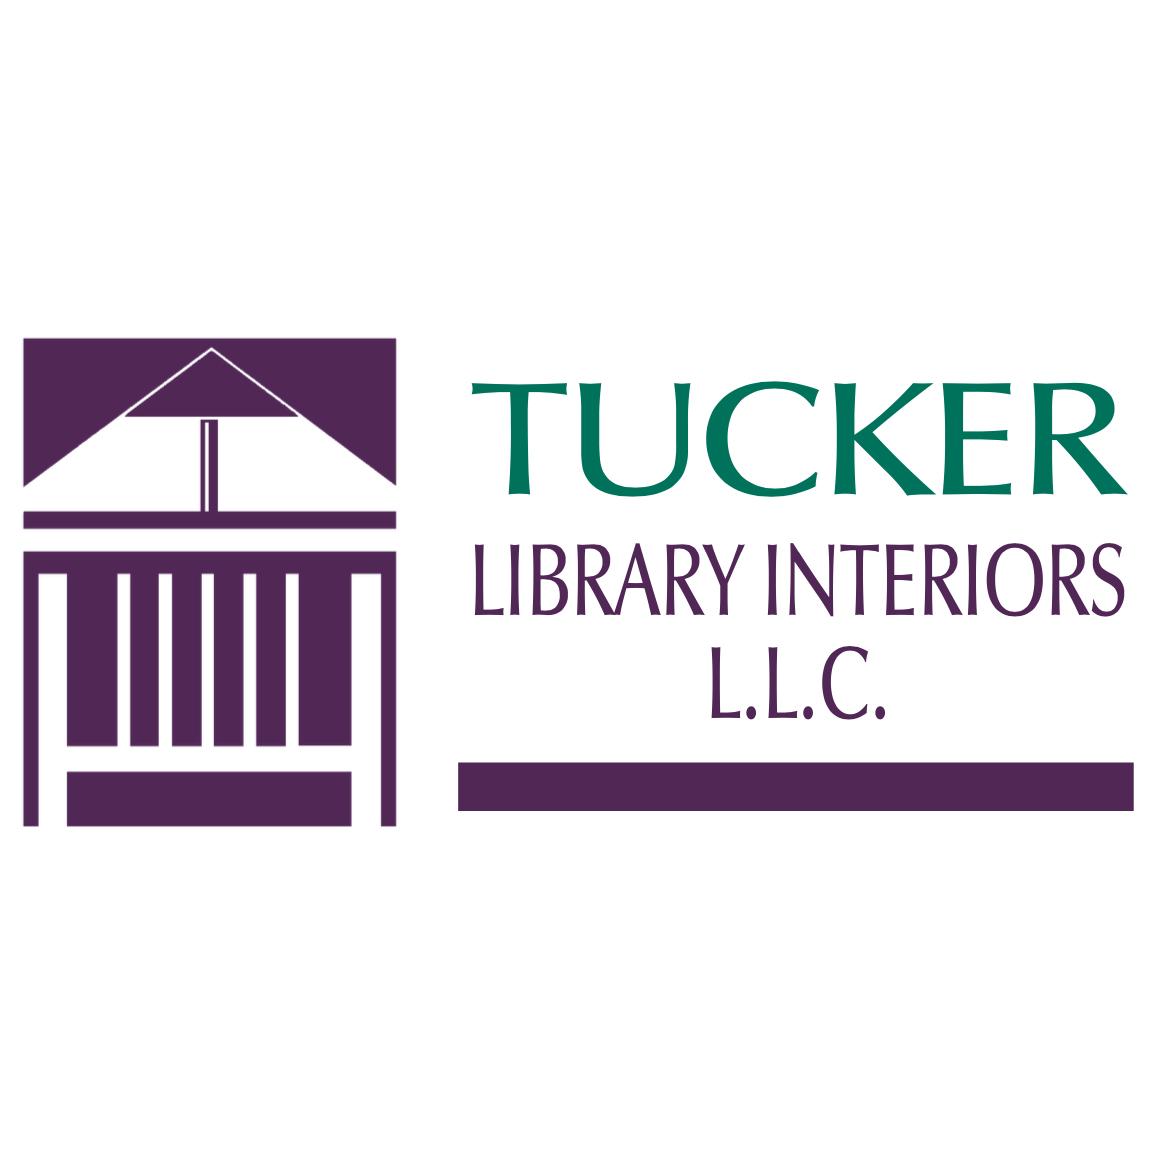 Tucker Library Interiors, LLC